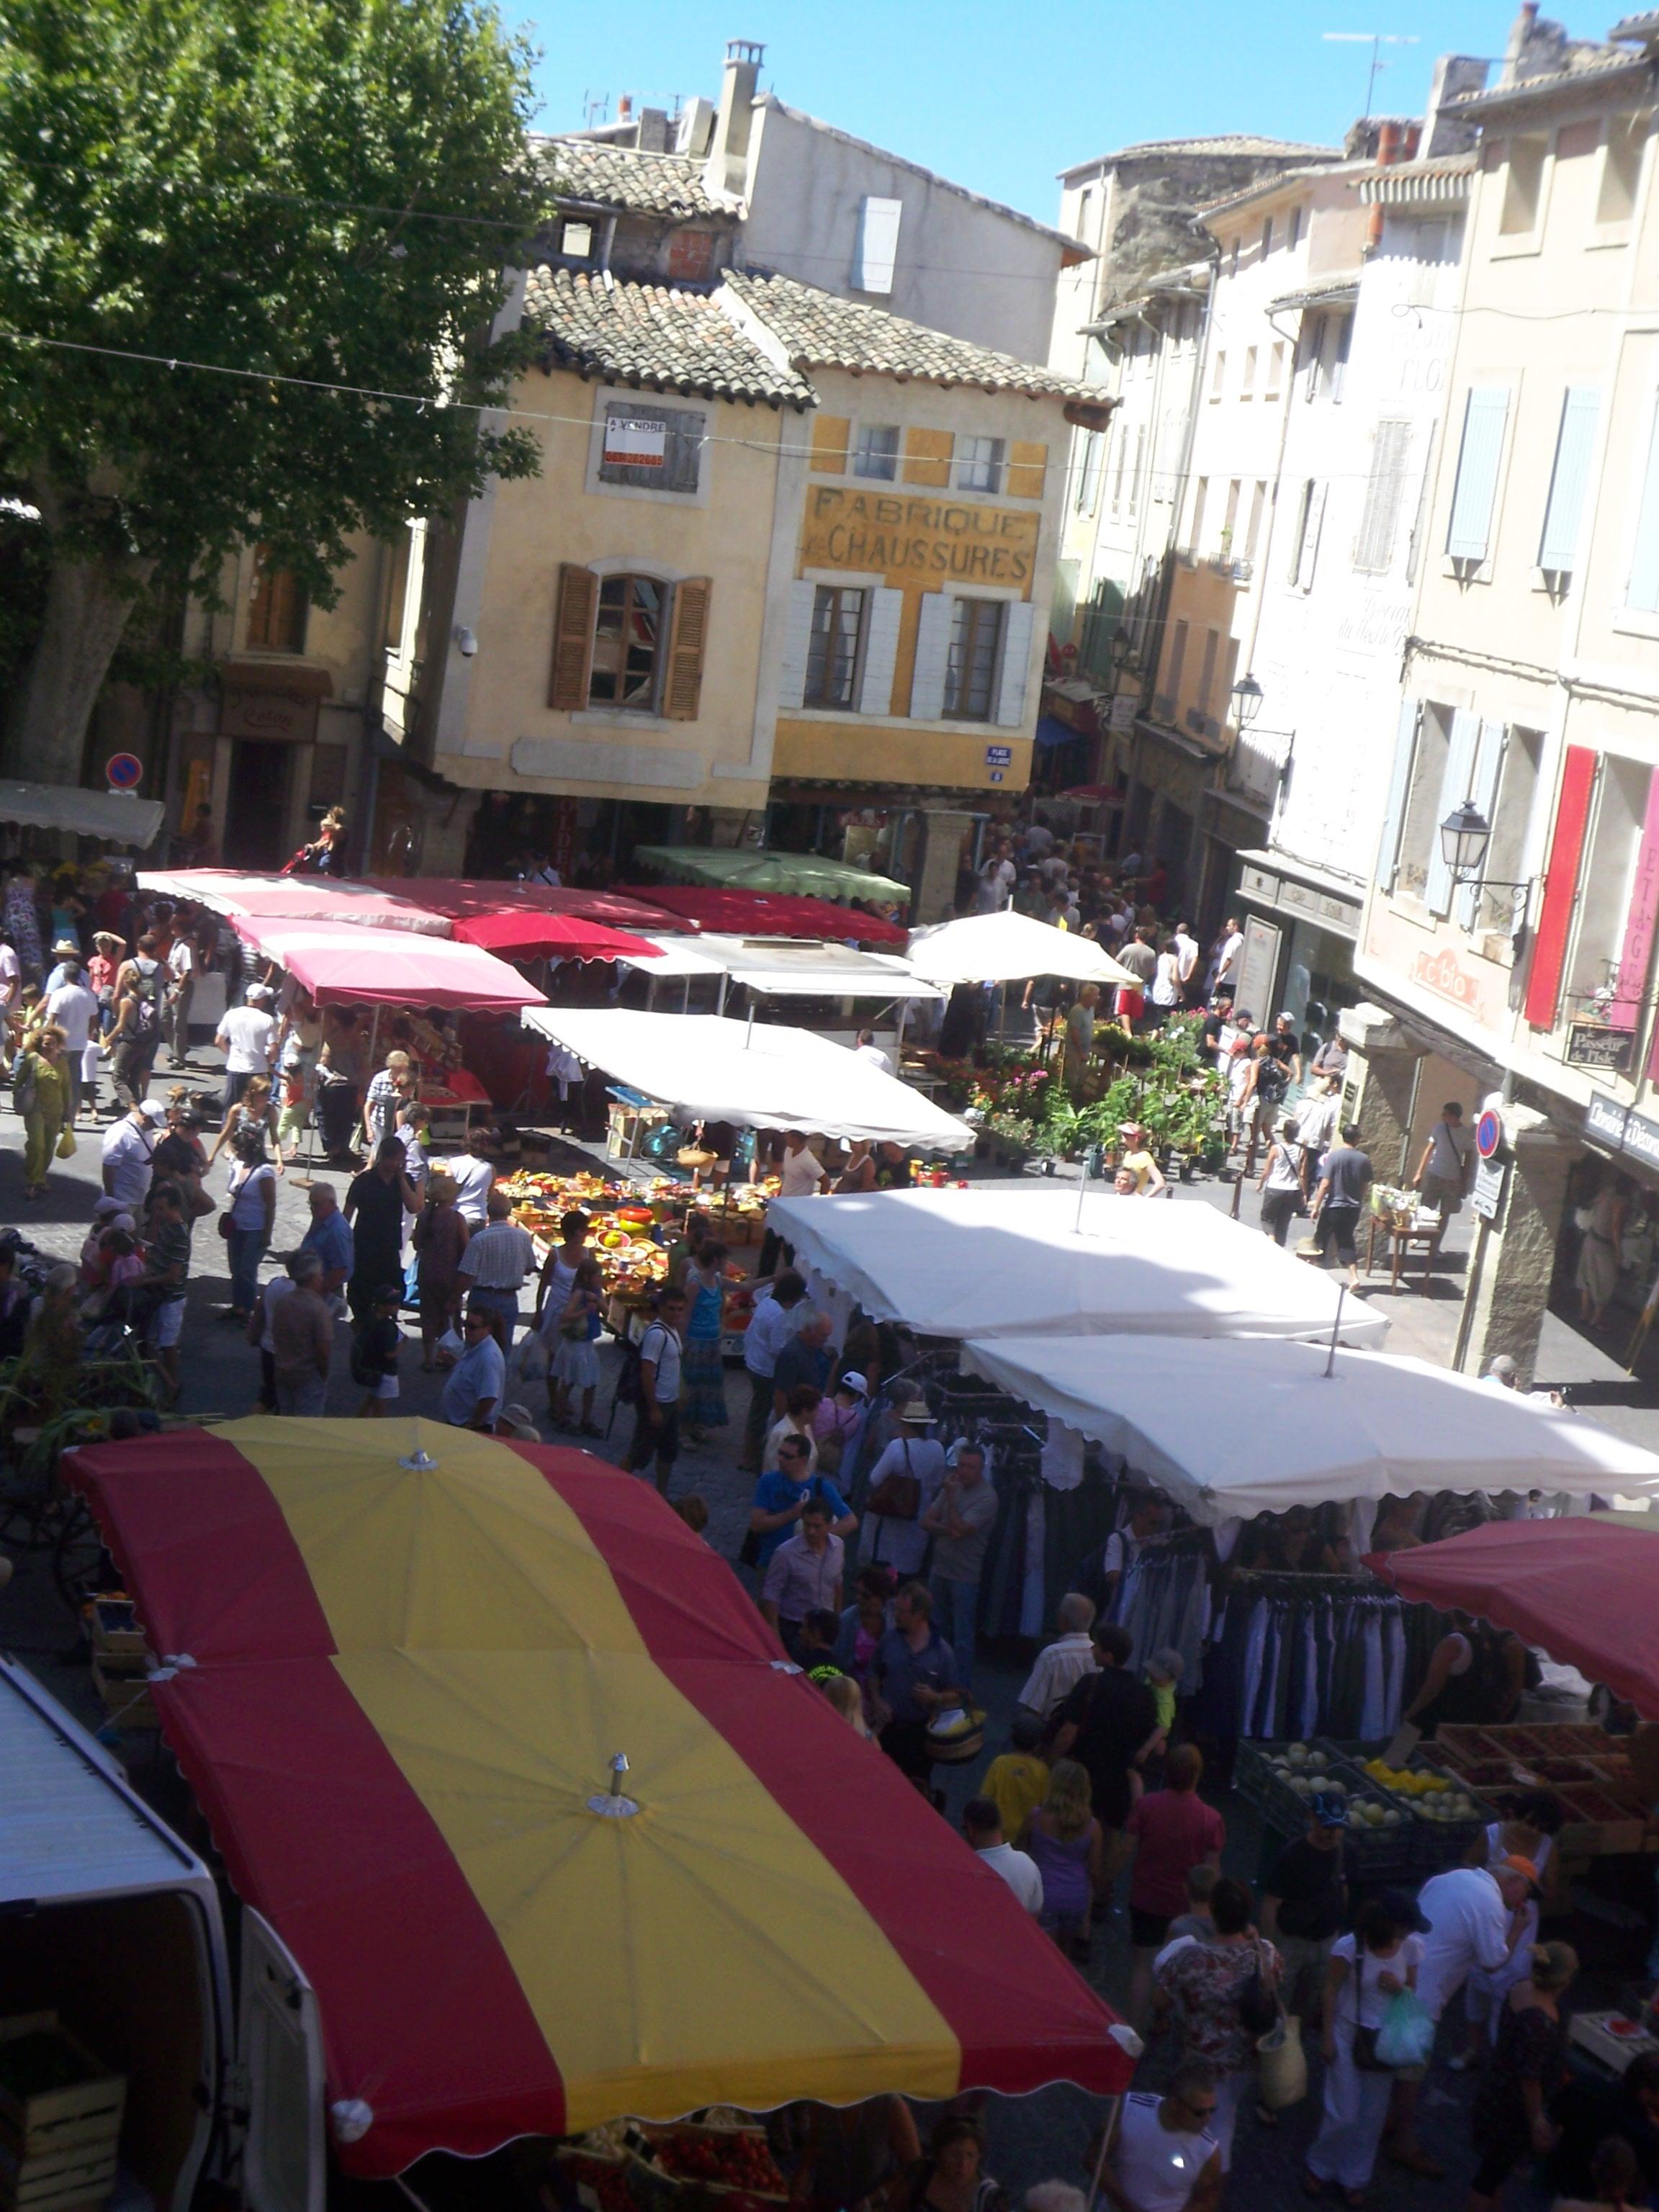 March s provencaux de l 39 isle sur la sorgue office de - L isle sur la sorgue office de tourisme ...